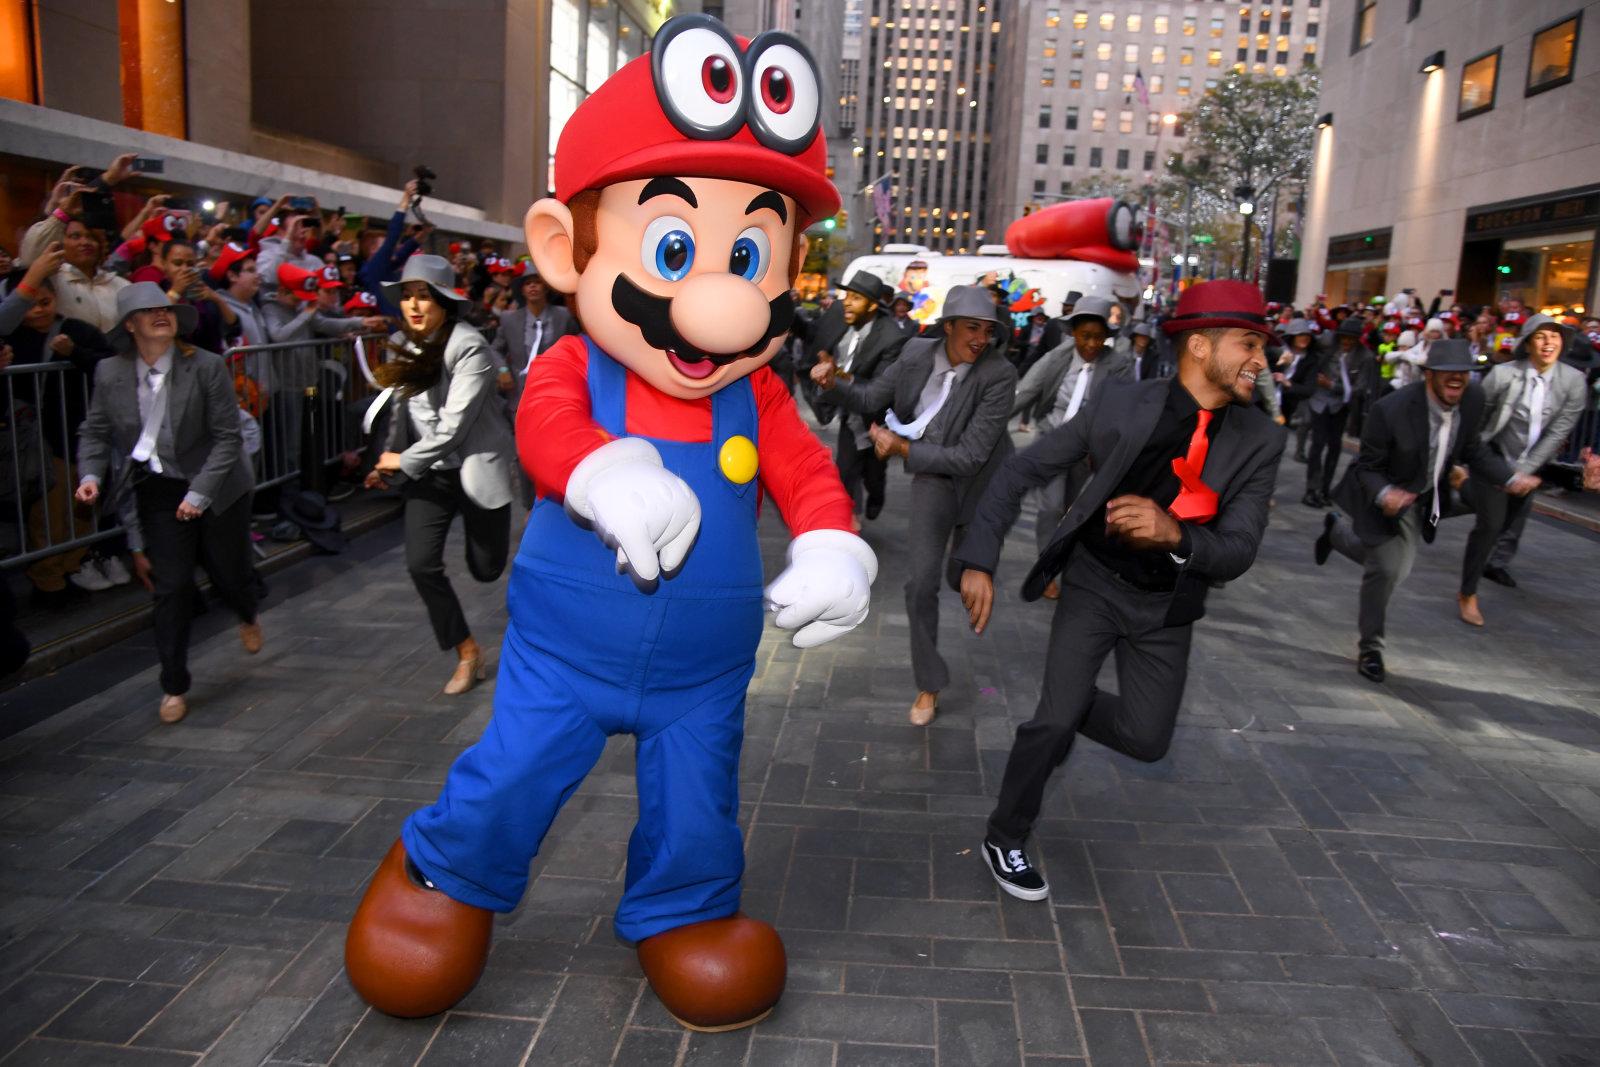 Super Mario ritorna al cinema con un film d'animazione?